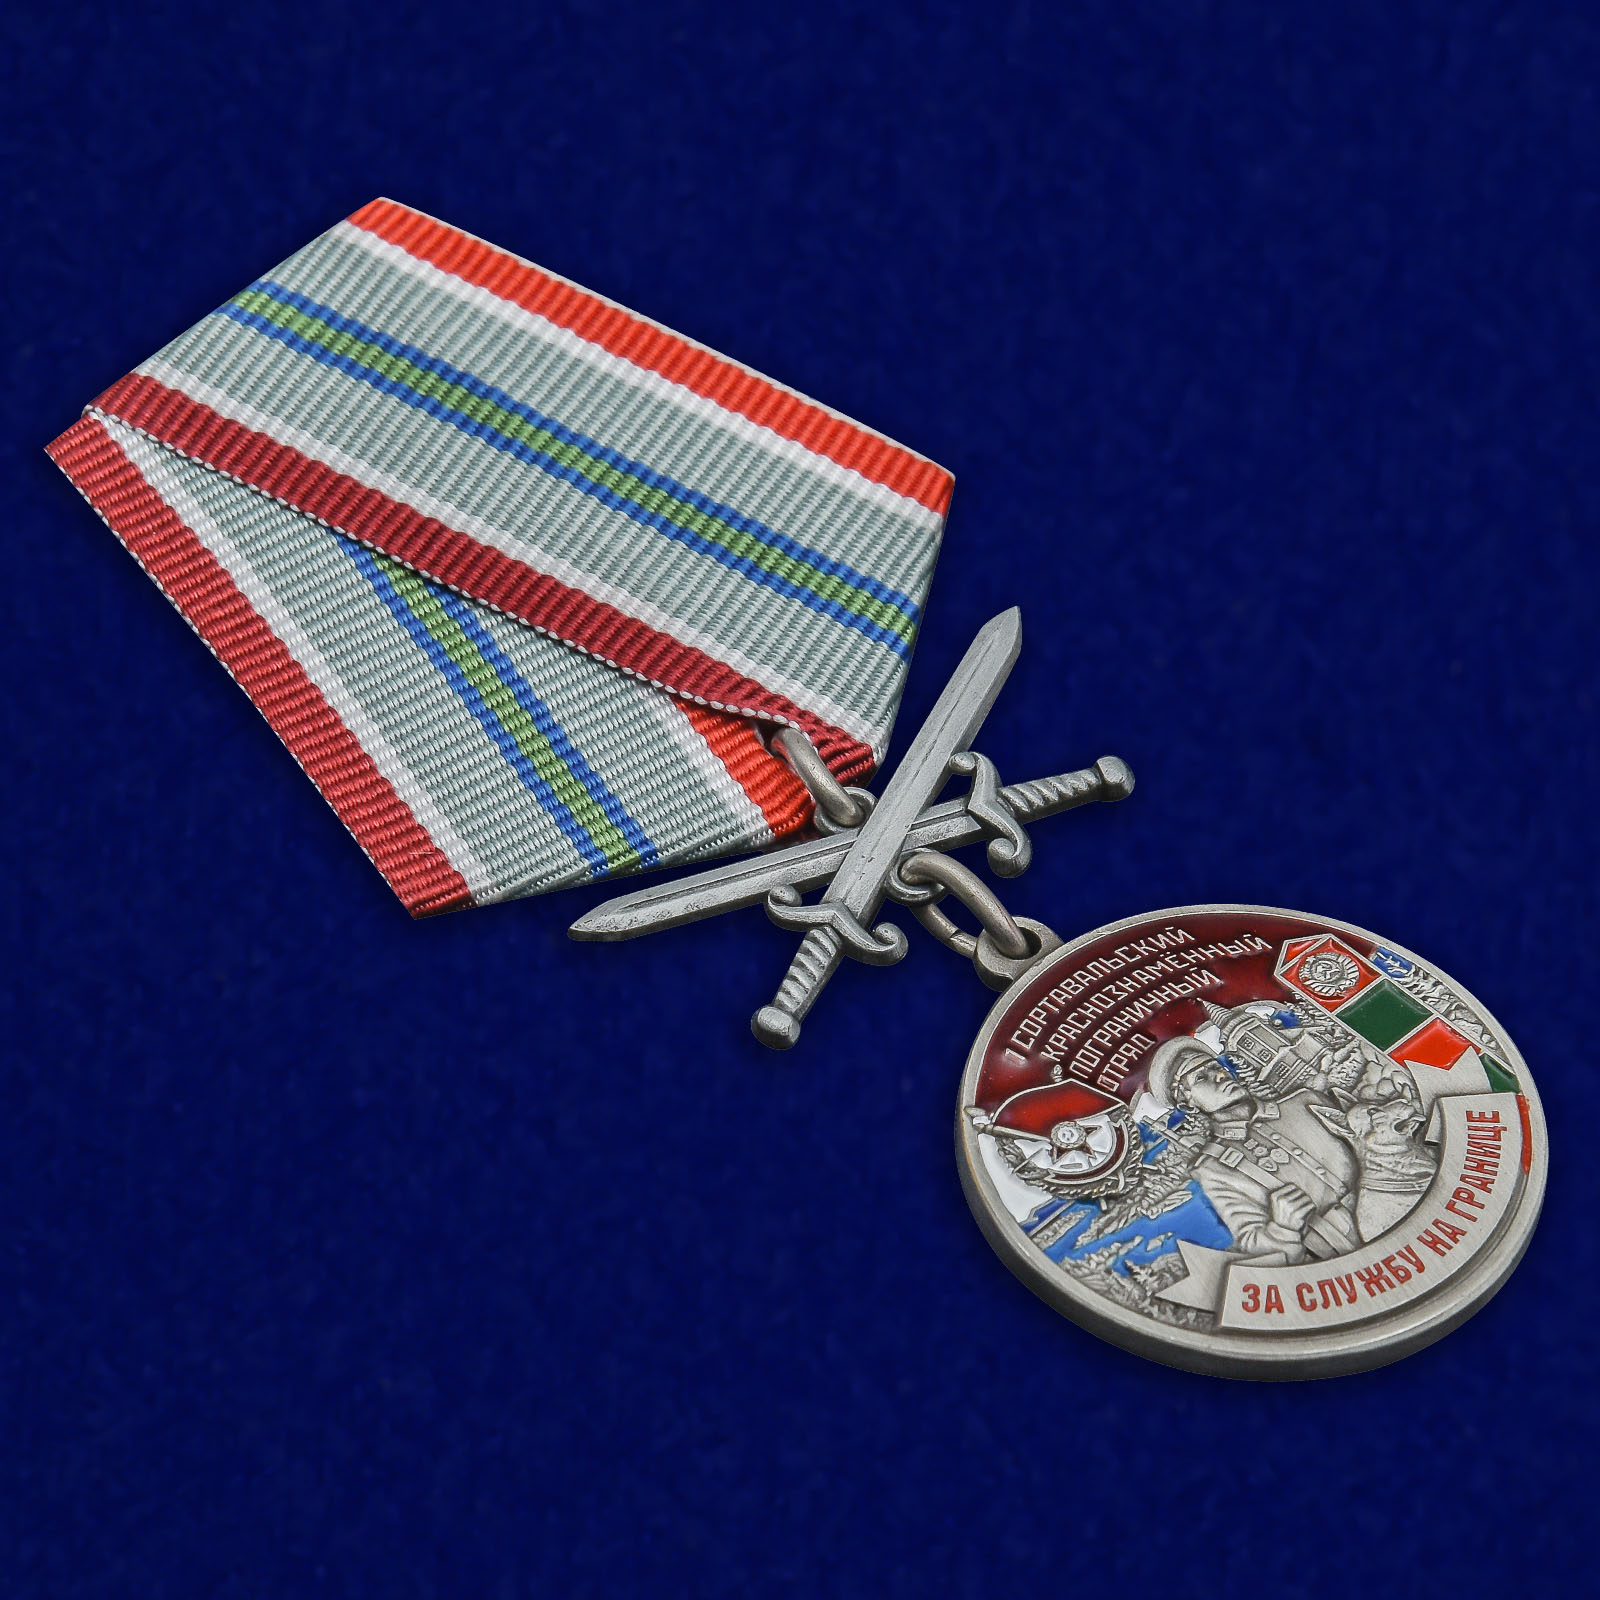 Памятная медаль За службу в Сортавальском пограничном отряде - общий вид